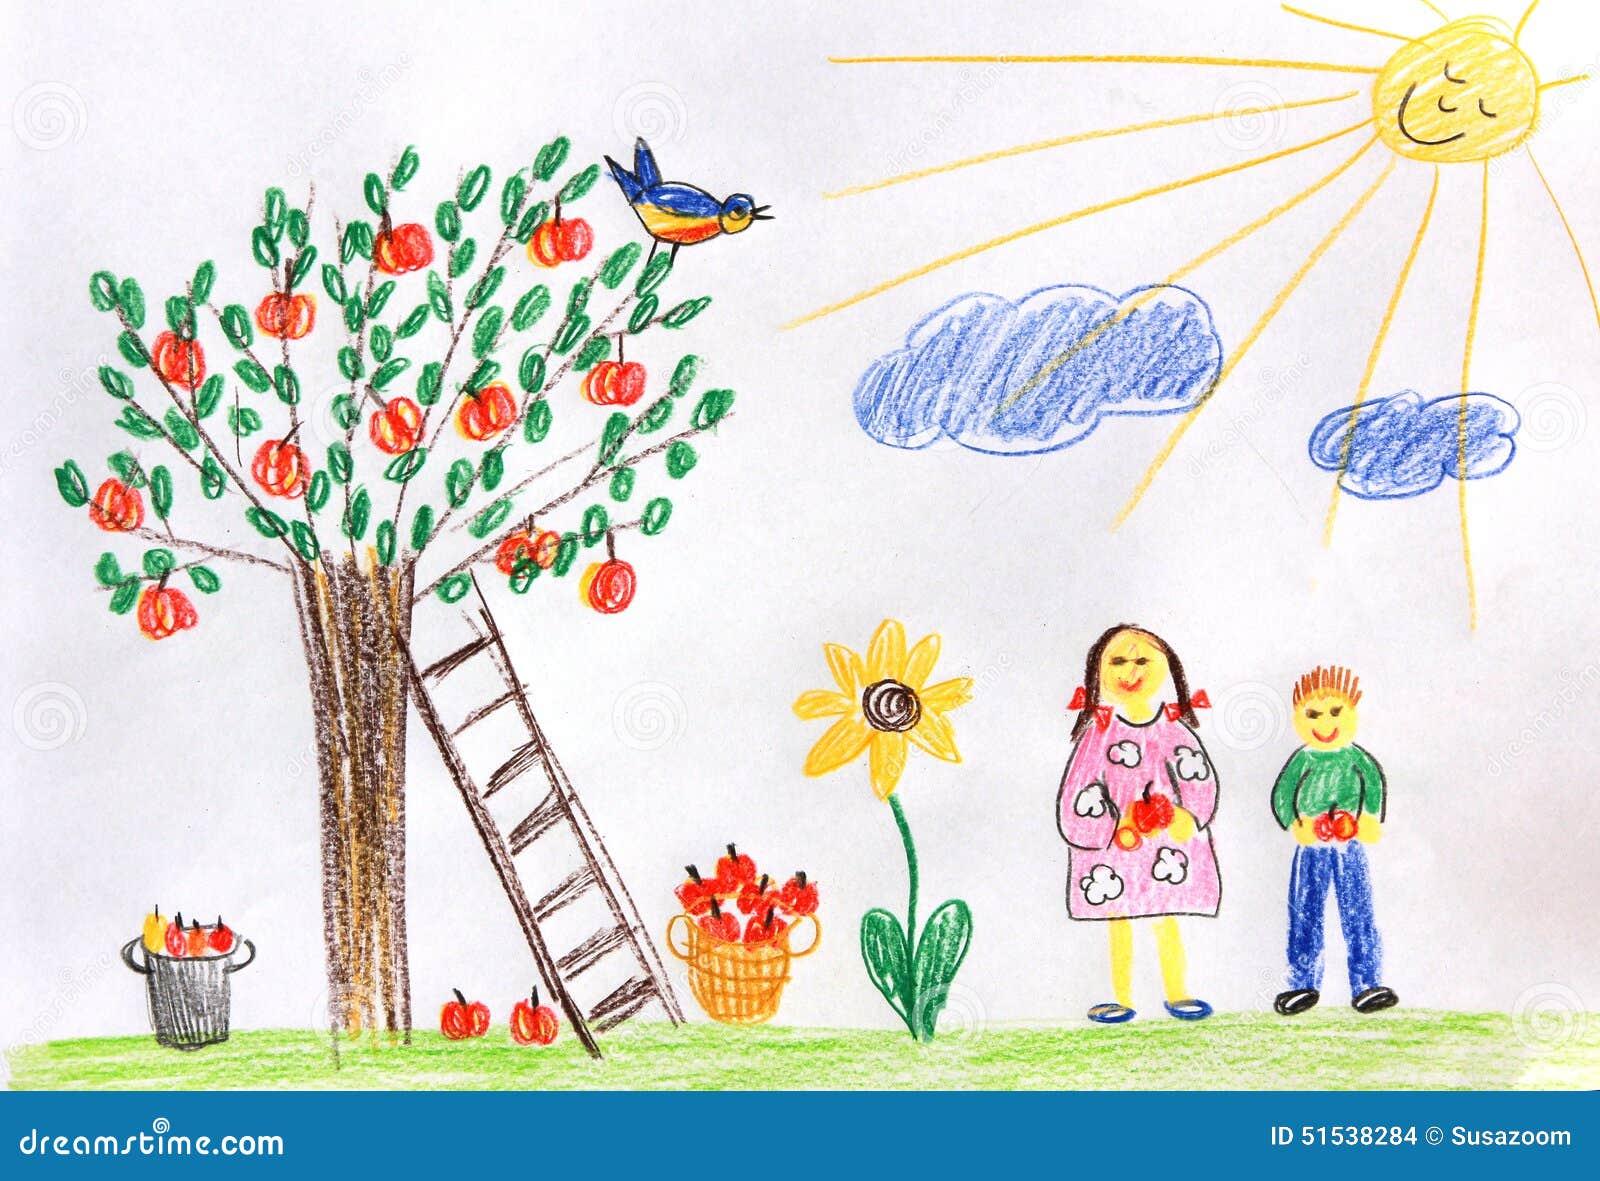 孩子在秋天从事园艺-儿童画